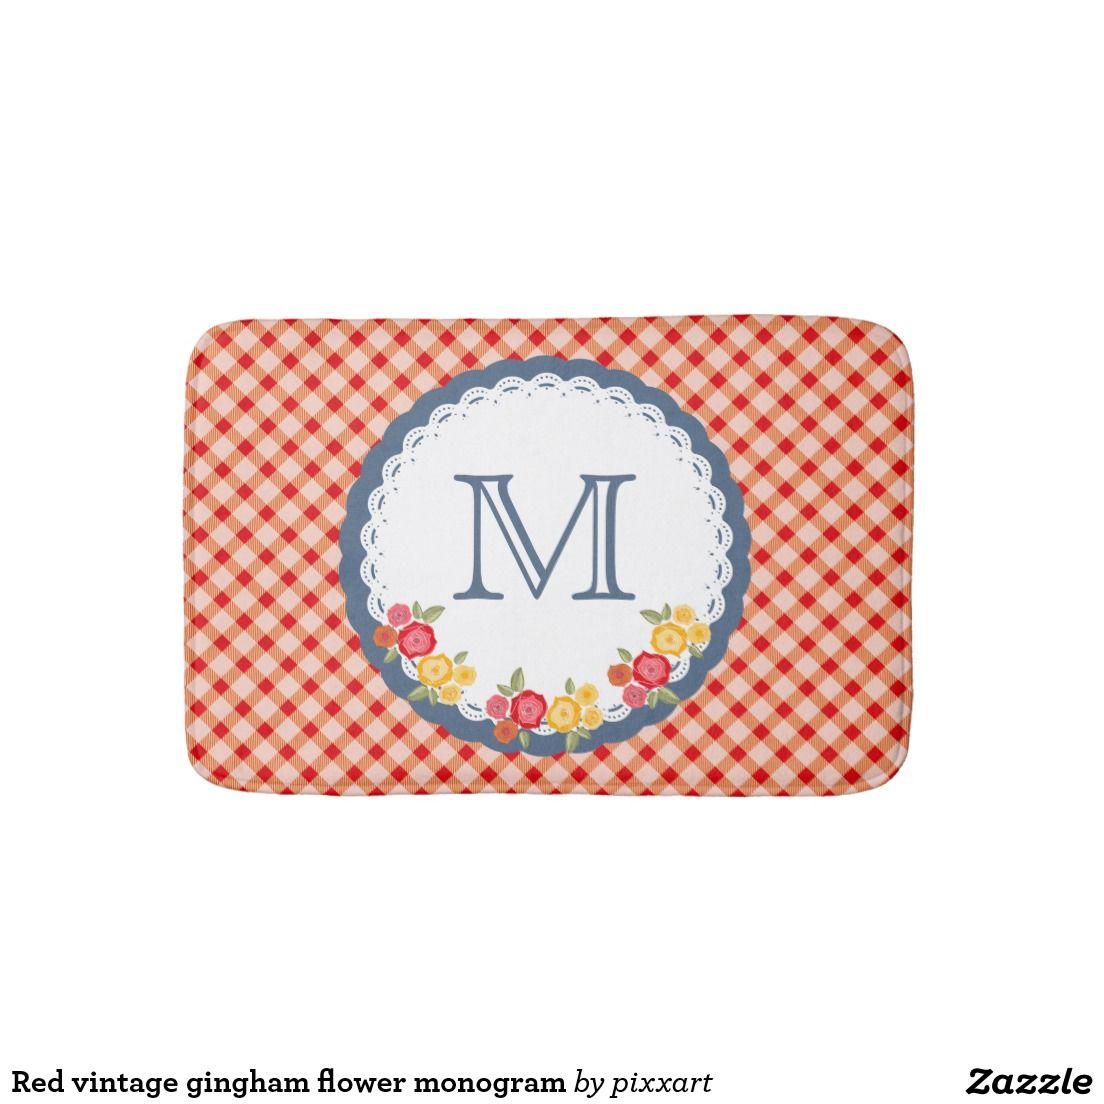 Gingham Flower Monogram Bathroom Mat